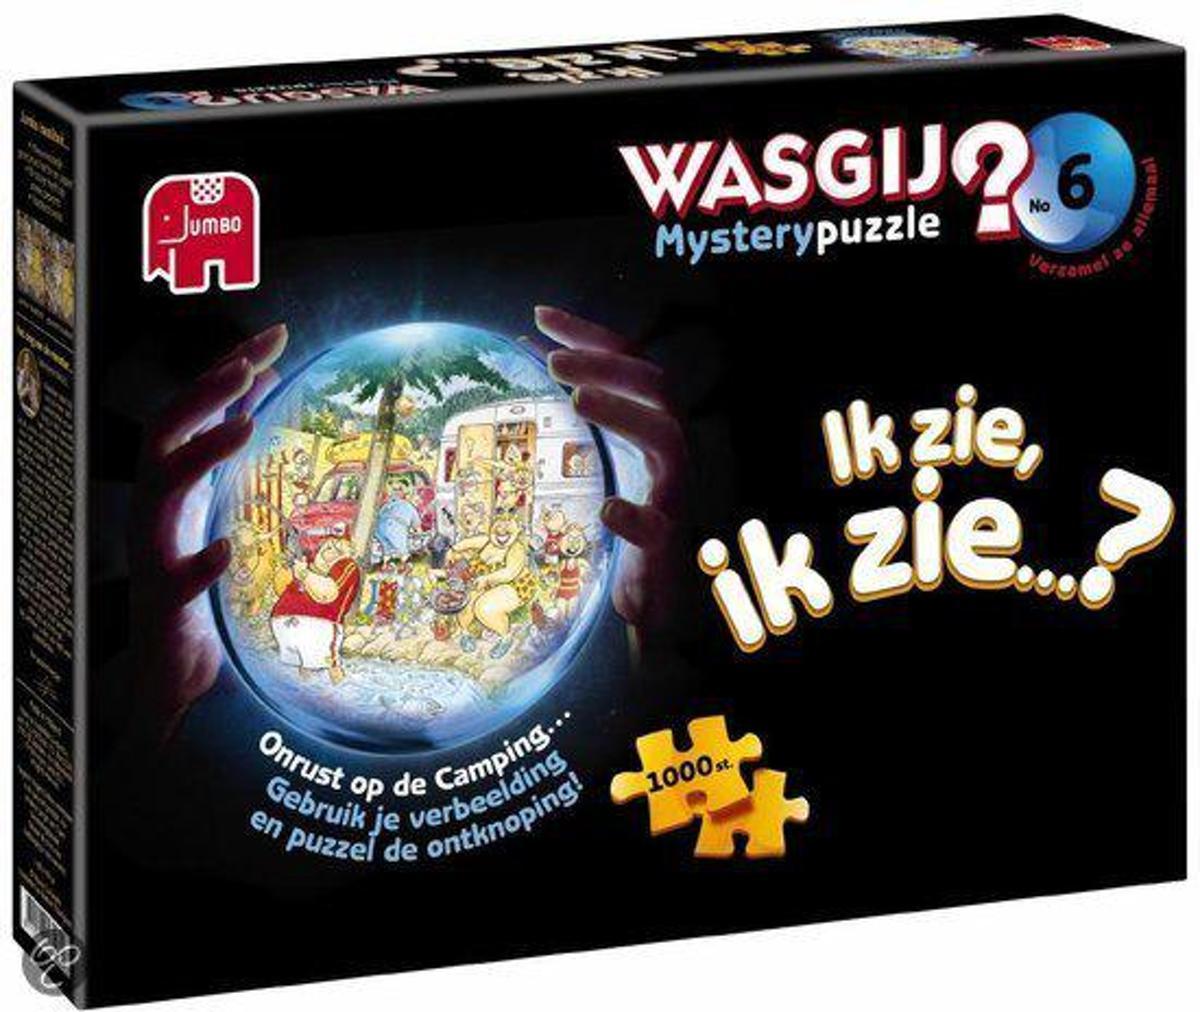 Wasgij Mystery 6 Onrust op de camping - Puzzel - 1000 stukjes kopen